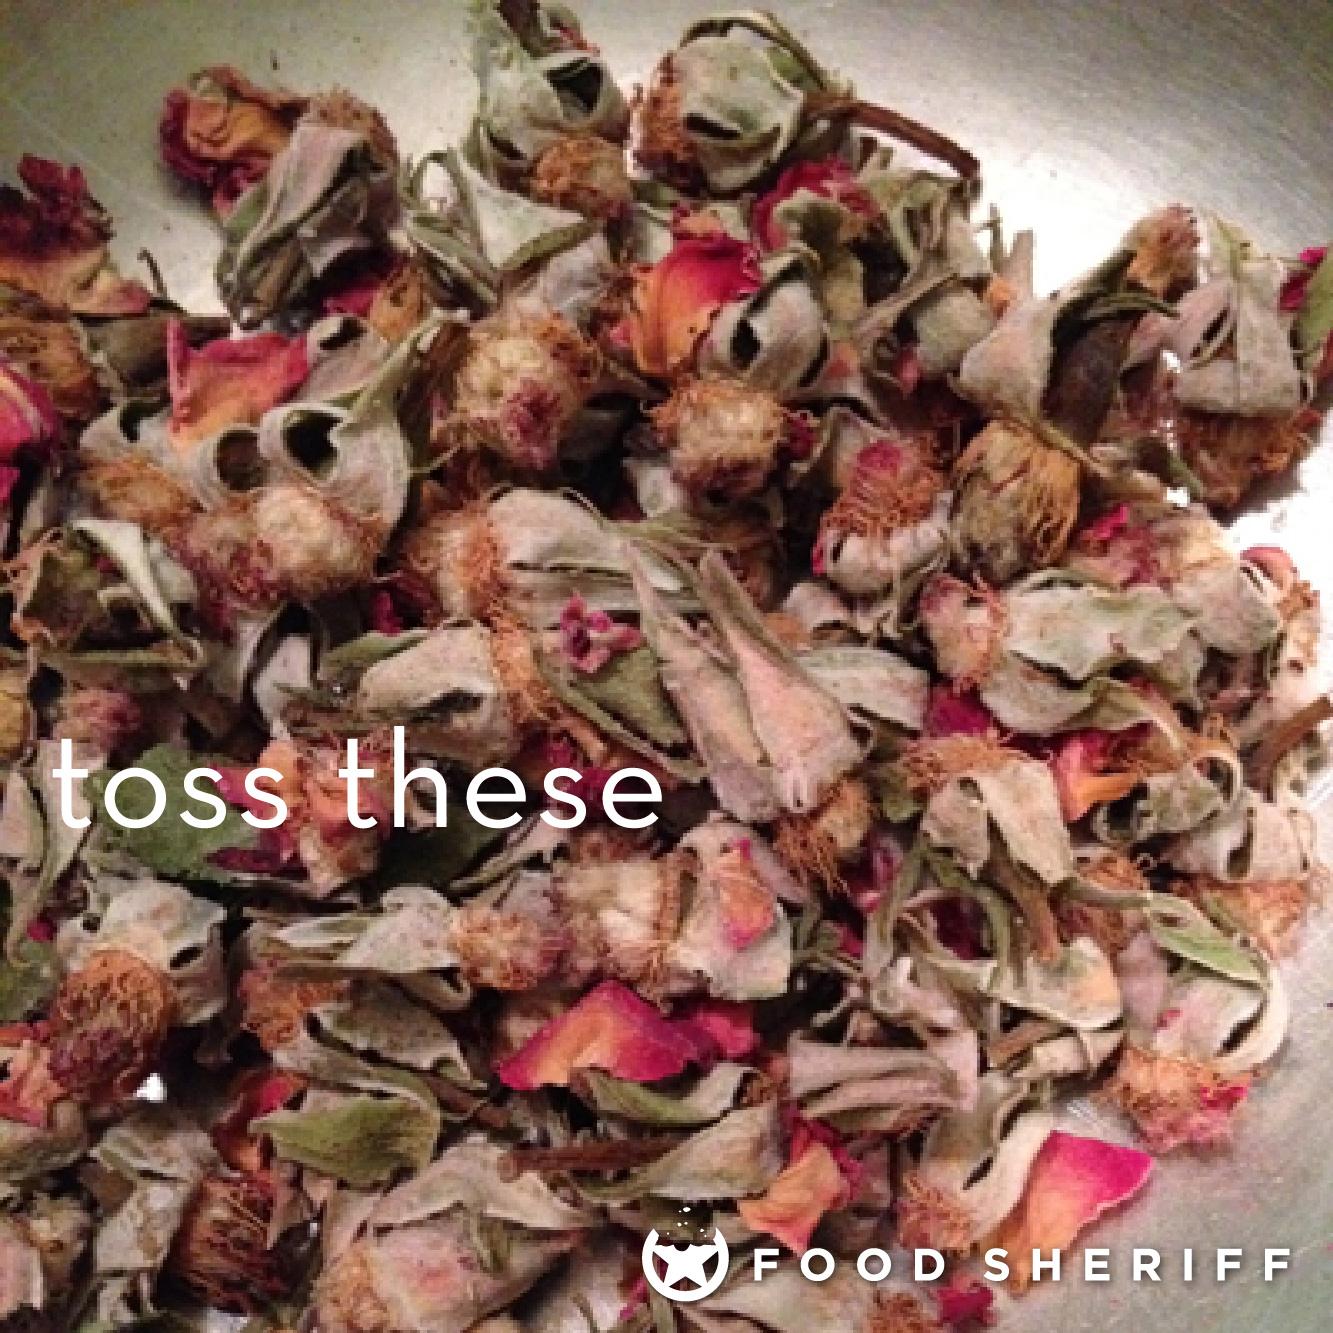 Food Sheriff's Flower Pepper 11.jpg